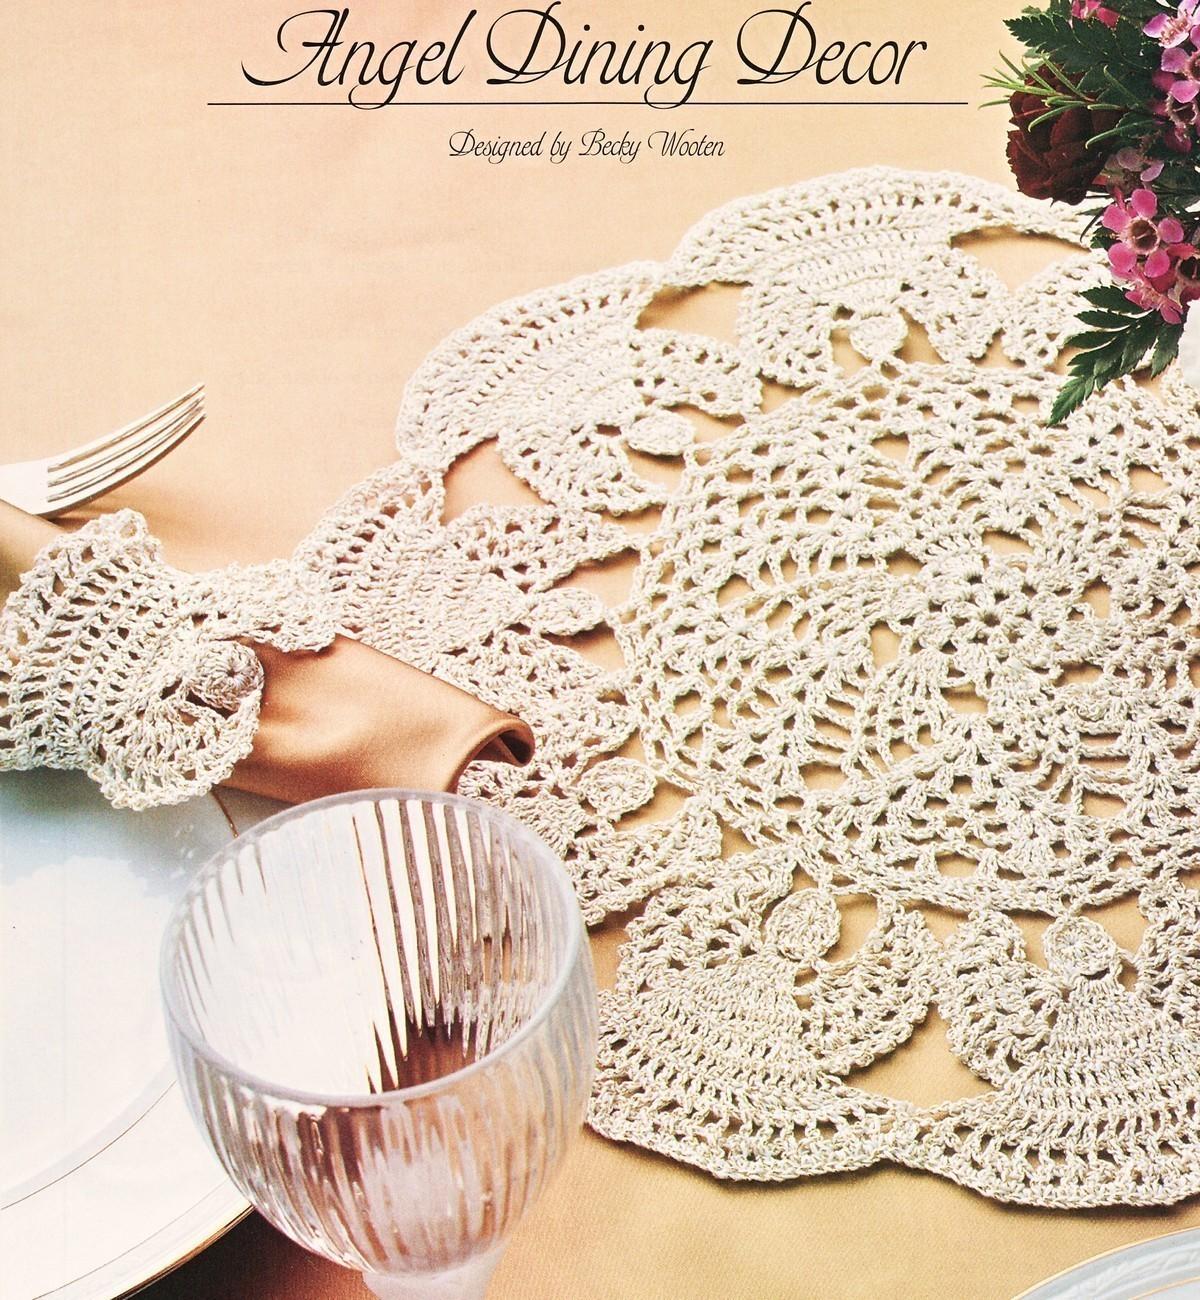 ARCHIVE CROCHET ANGEL DOILY PATTERNS – Crochet Patterns